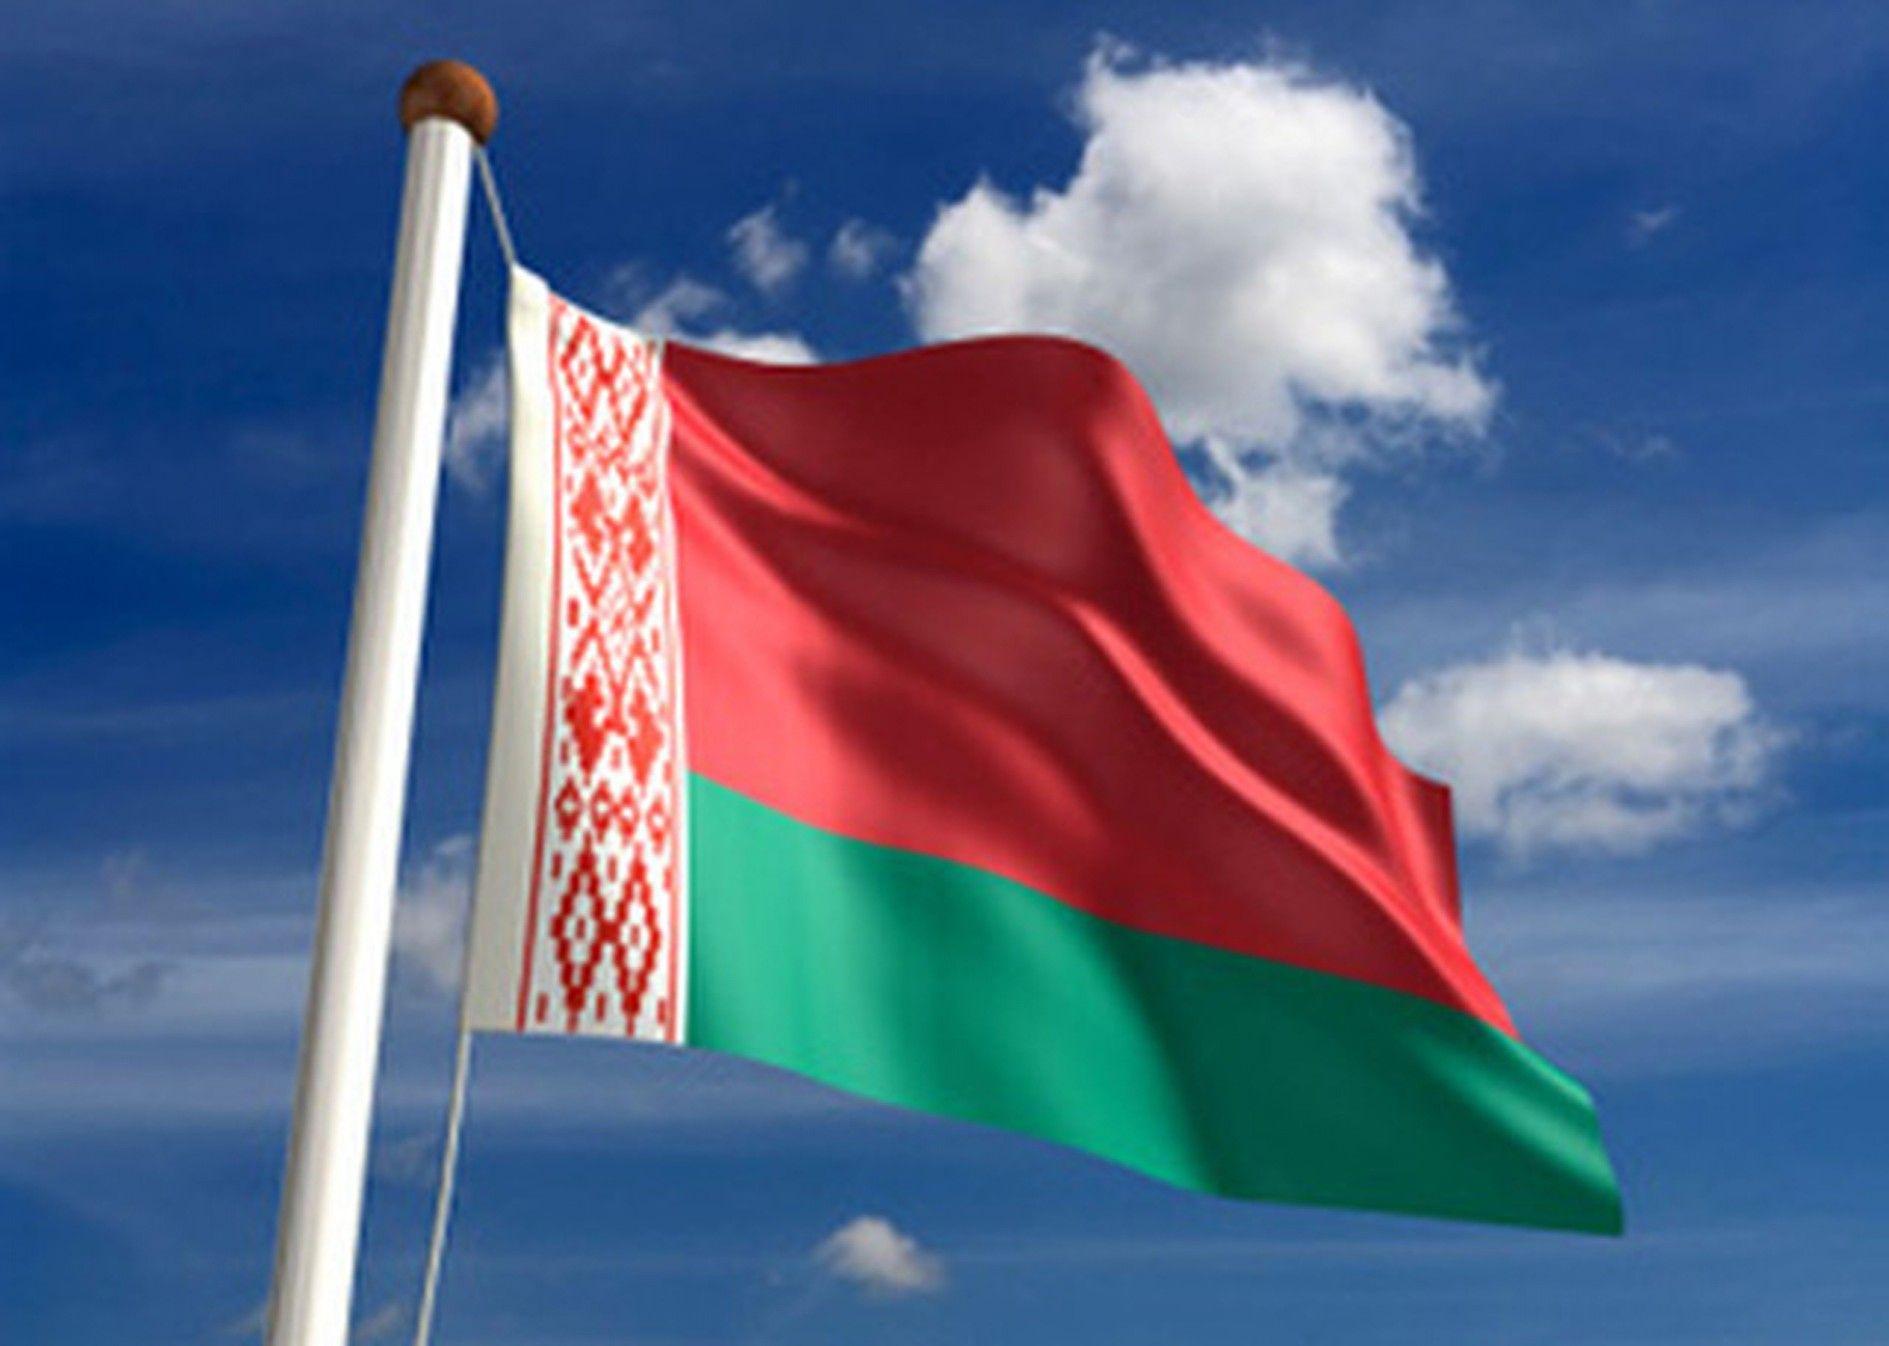 У Білорусі проходять парламентські вибори / yarnovosti.com